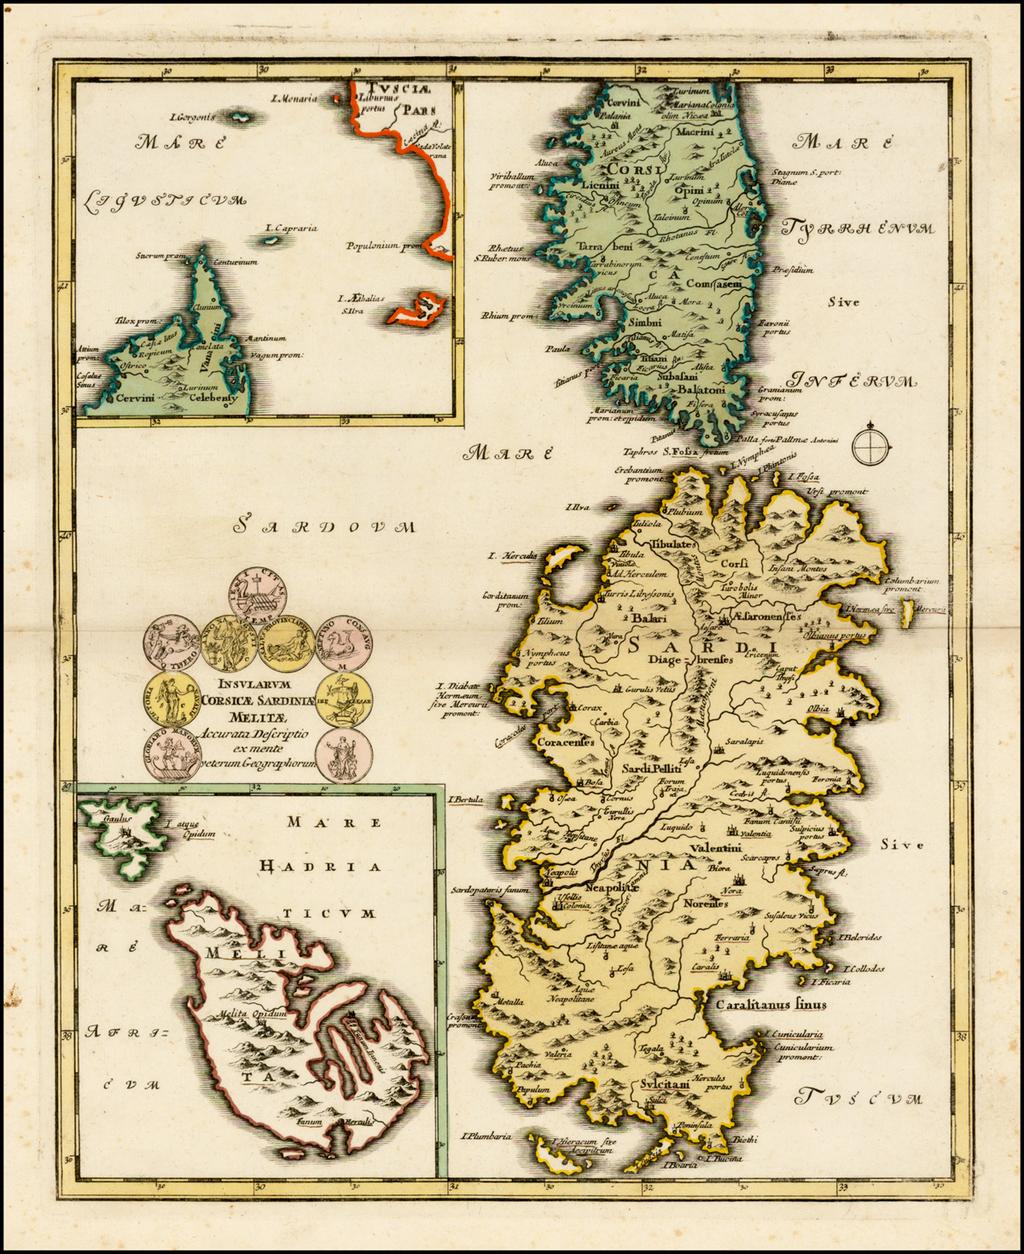 Insularum Corsicae Sardiniae Melitae Accurata Descriptio ex mente veterum Geographorum By Johann Christoph Weigel